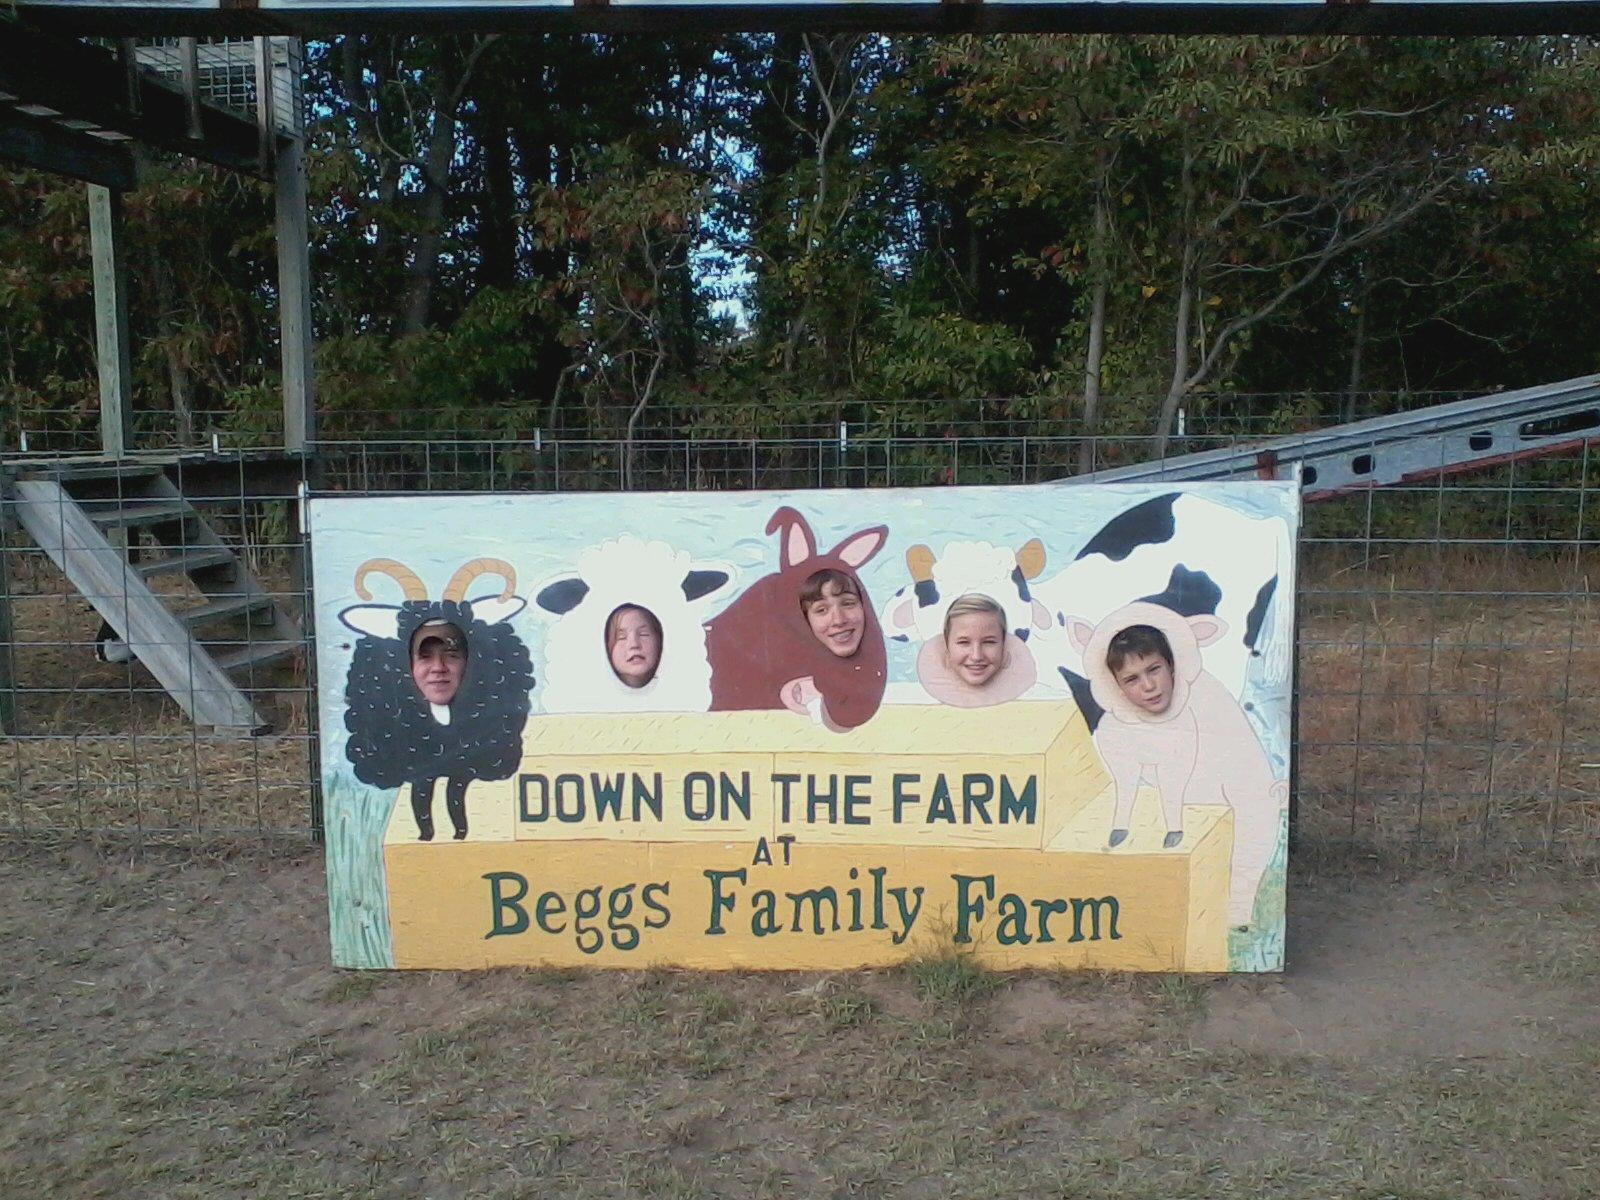 beggs_farm_oct11.jpg